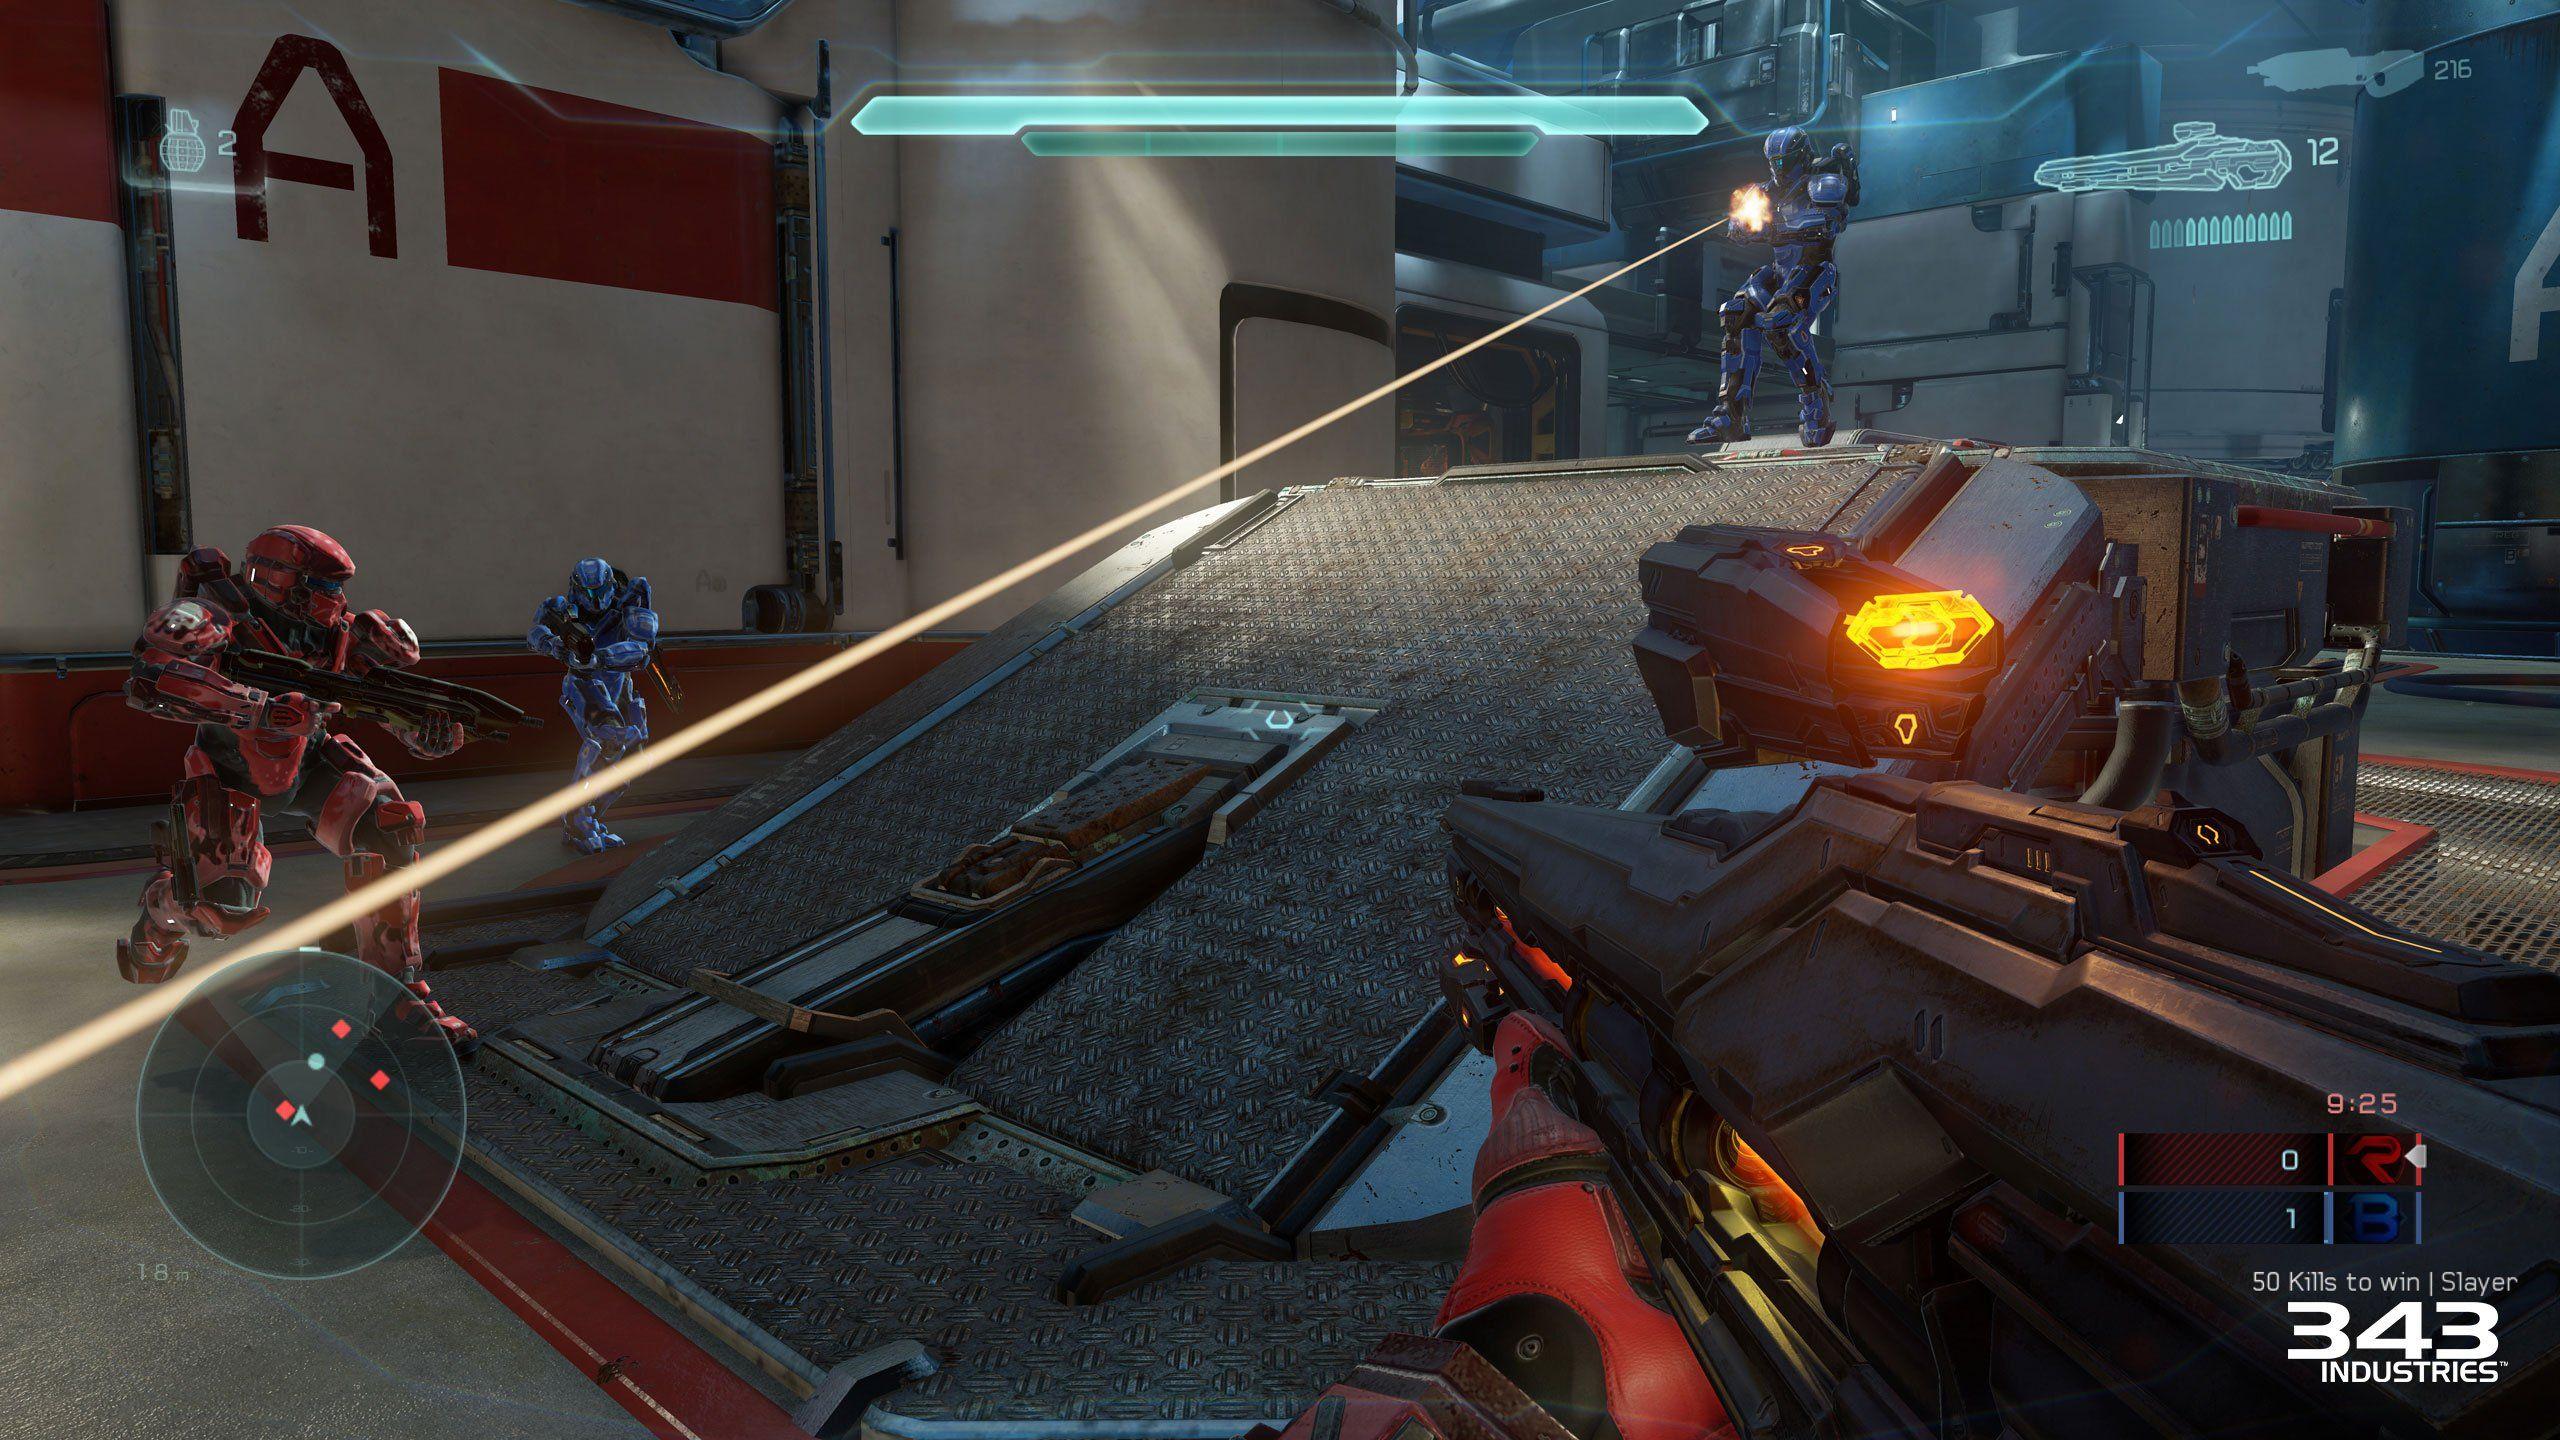 #XboxOne #Halo5Guardians #Halo5 Para más información sobre #Videojuegos, Suscríbete a nuestra página web: http://legiondejugadores.com/ y síguenos en Twitter https://twitter.com/LegionJugadores